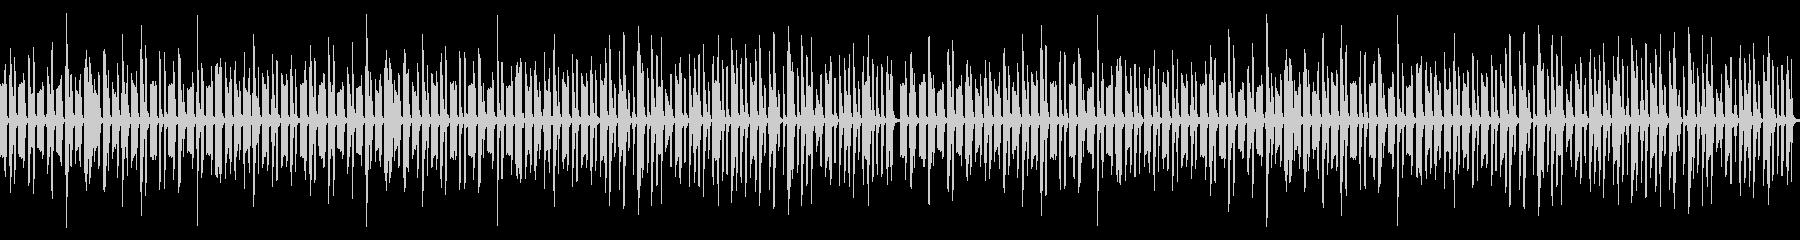 動画向けゆるい雰囲気の日常系ピアノの未再生の波形